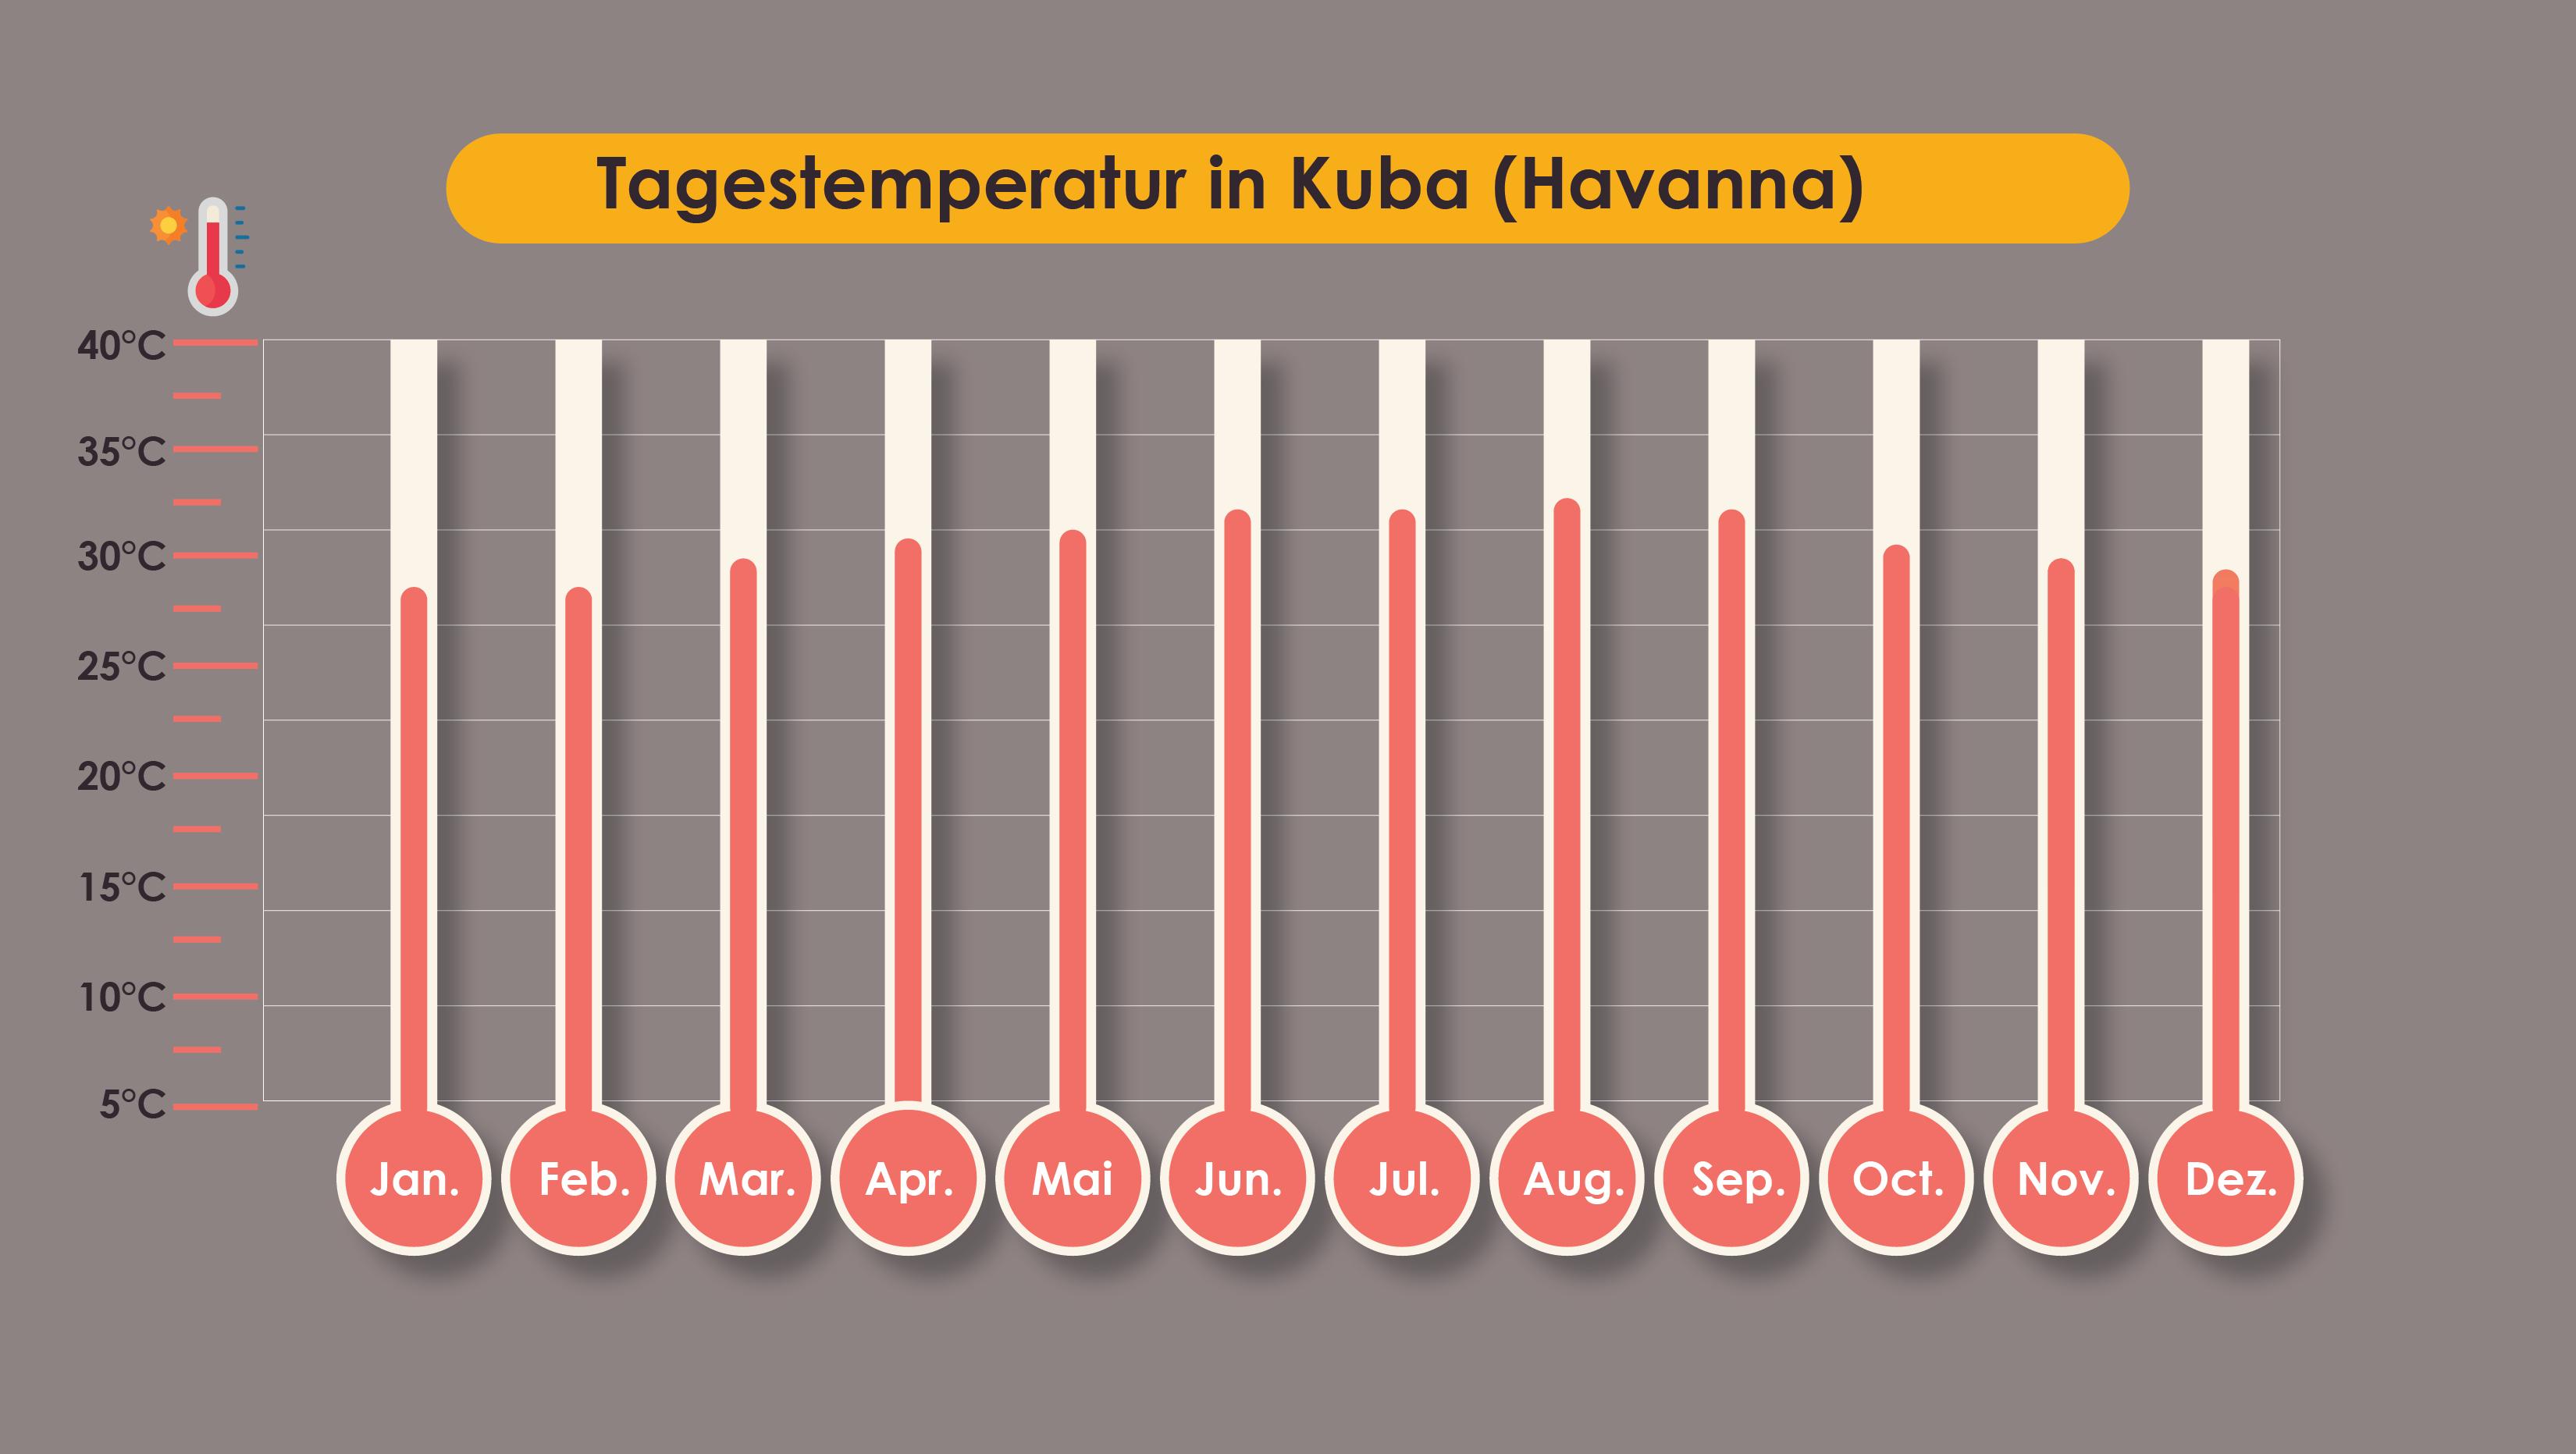 Durchschnittliche Tagestemperatur in Havanna